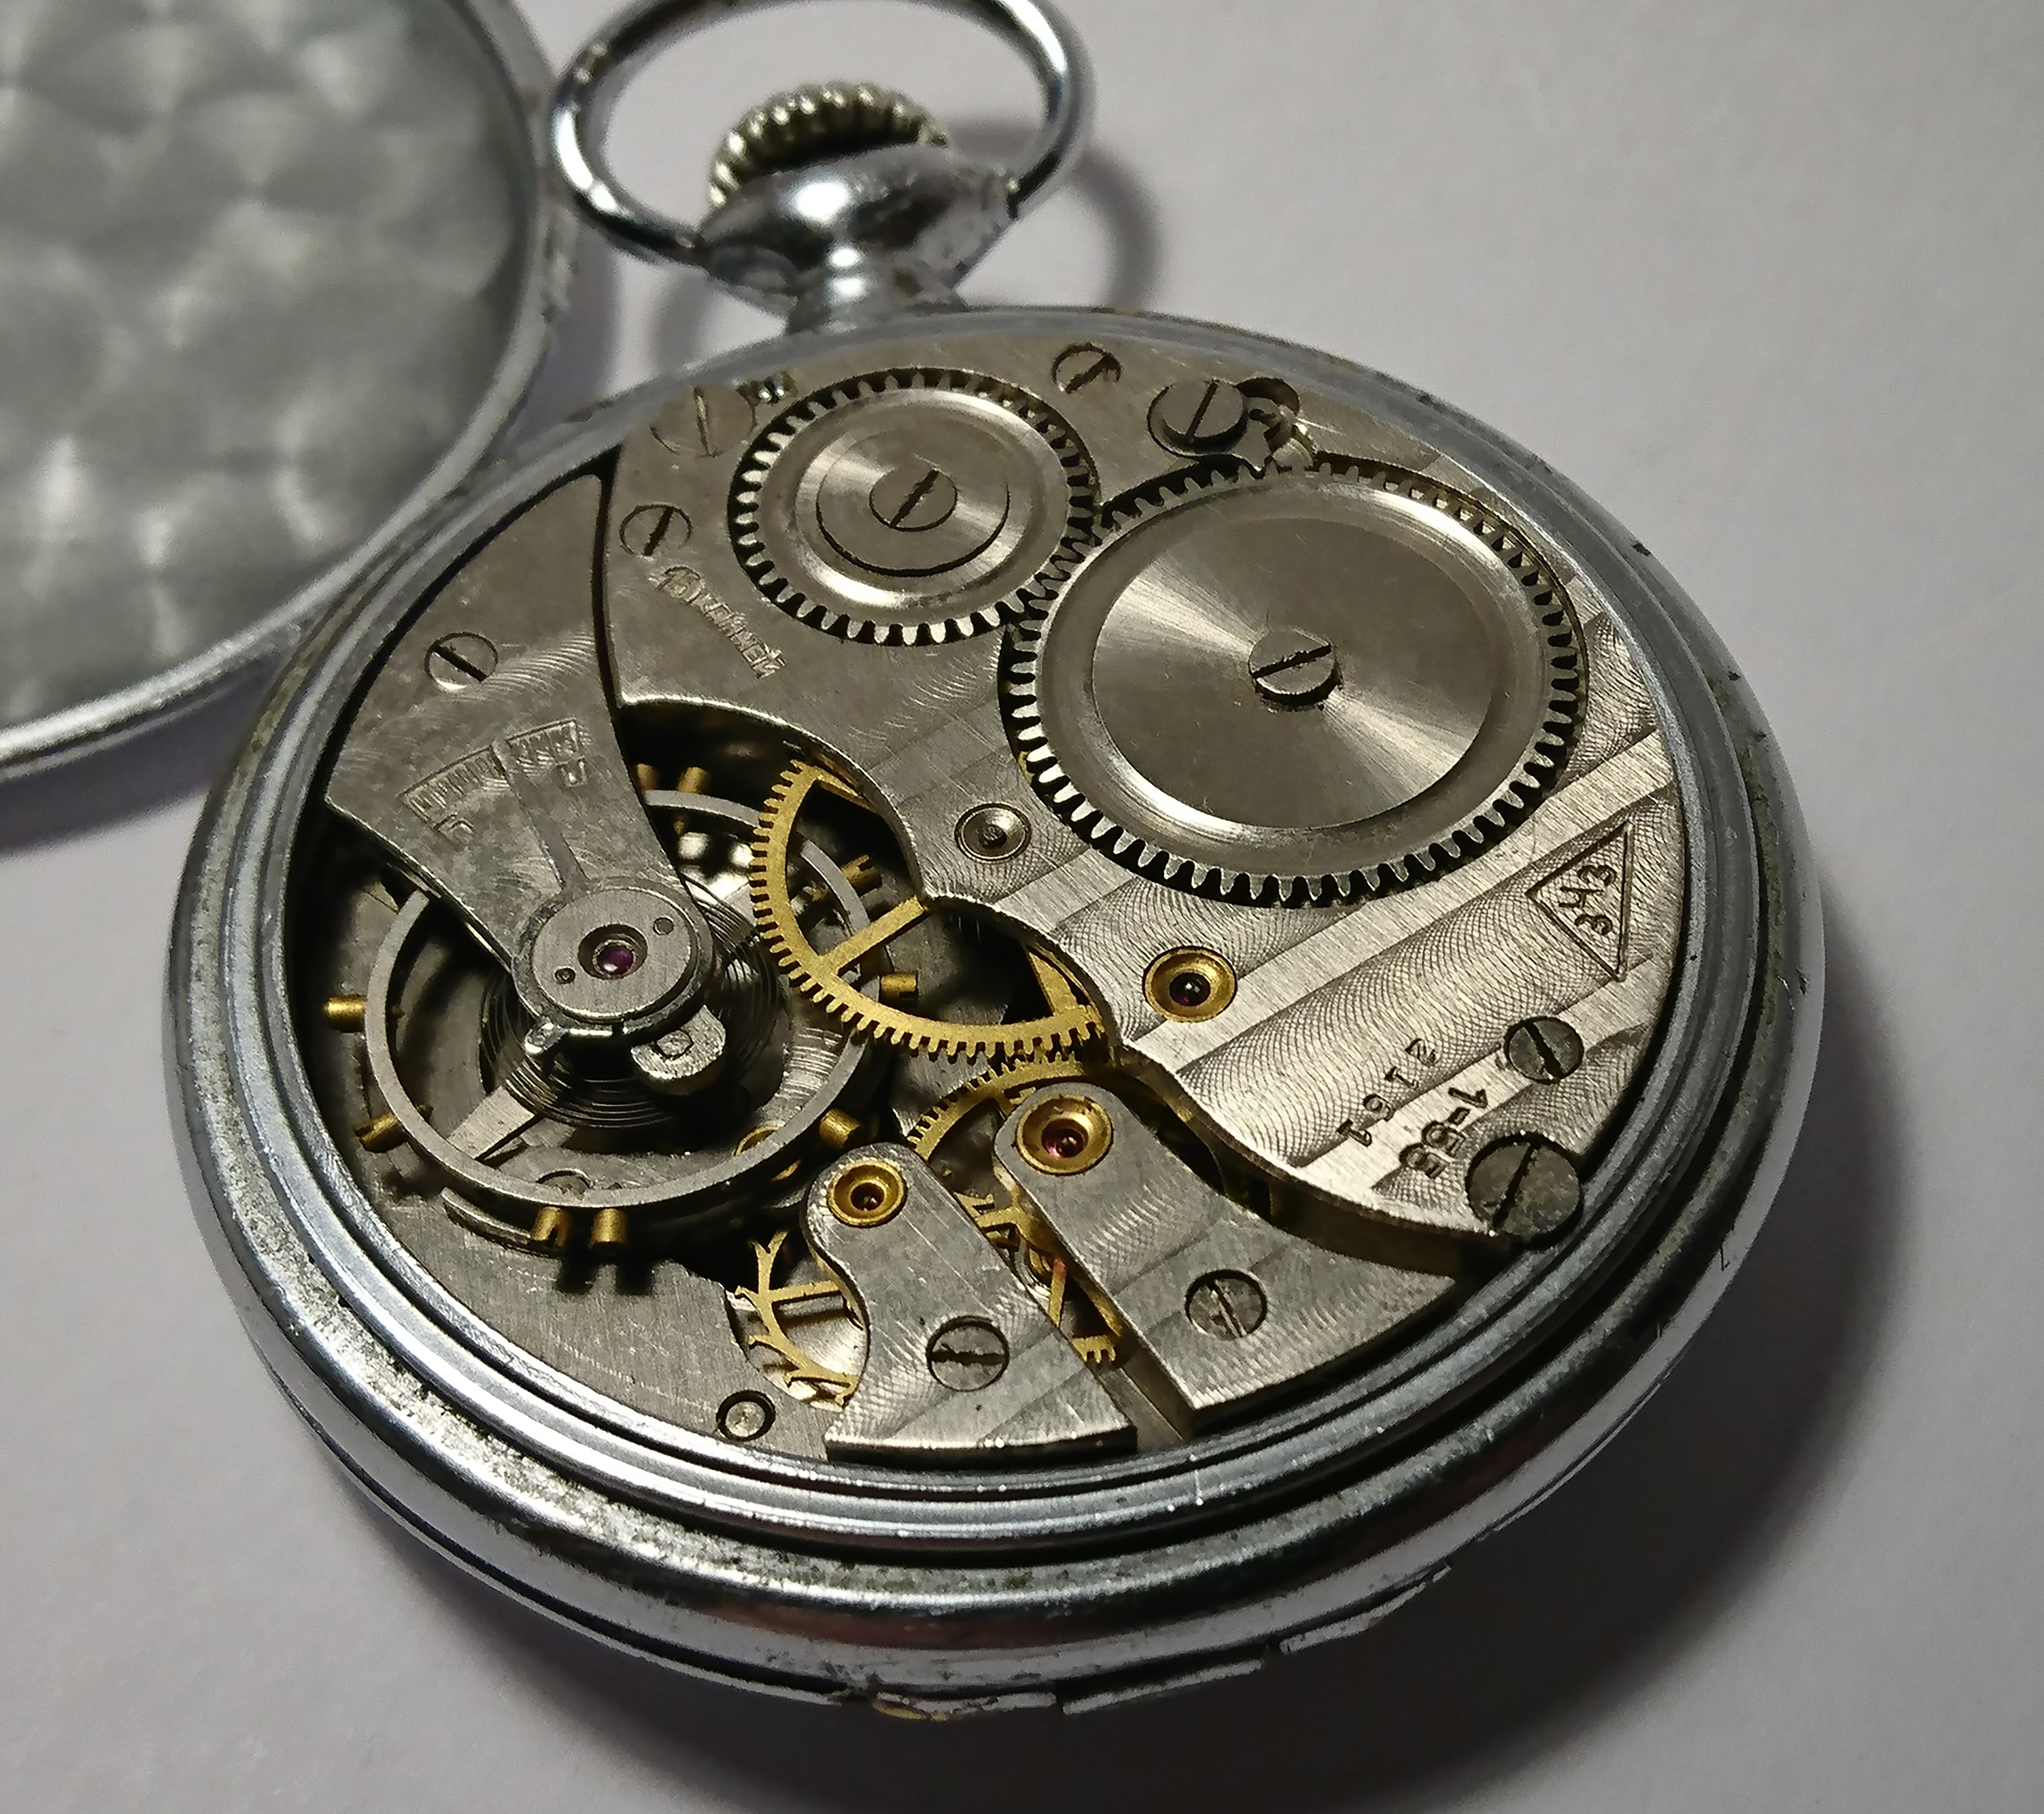 Datowanie starych zegarków Omega umawianie się ze współpracownikami